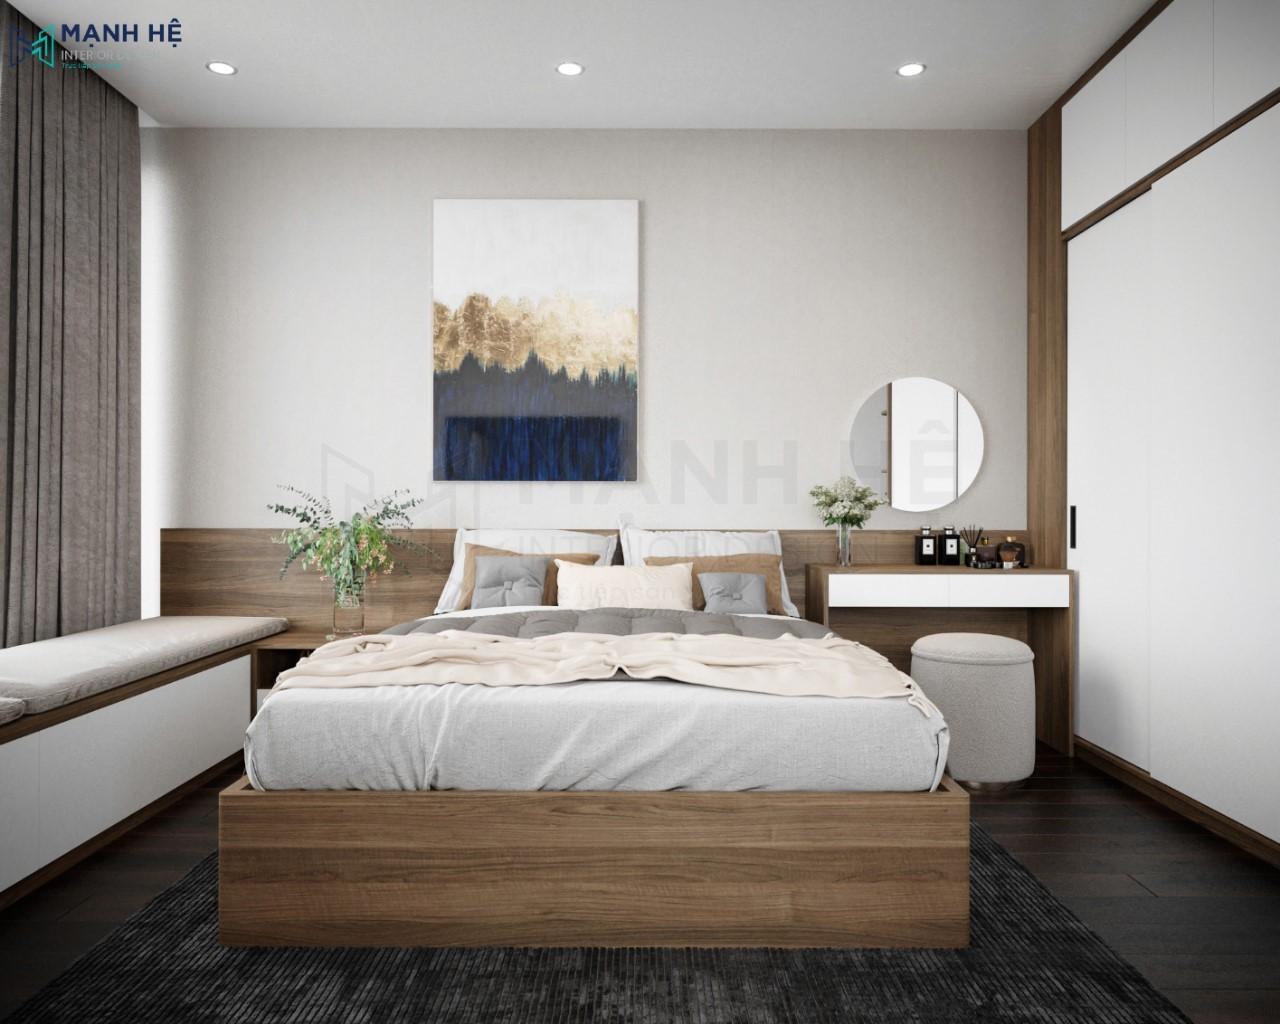 Thiết kế nội thất phòng ngủ master đẹp theo phong cách hiện đại